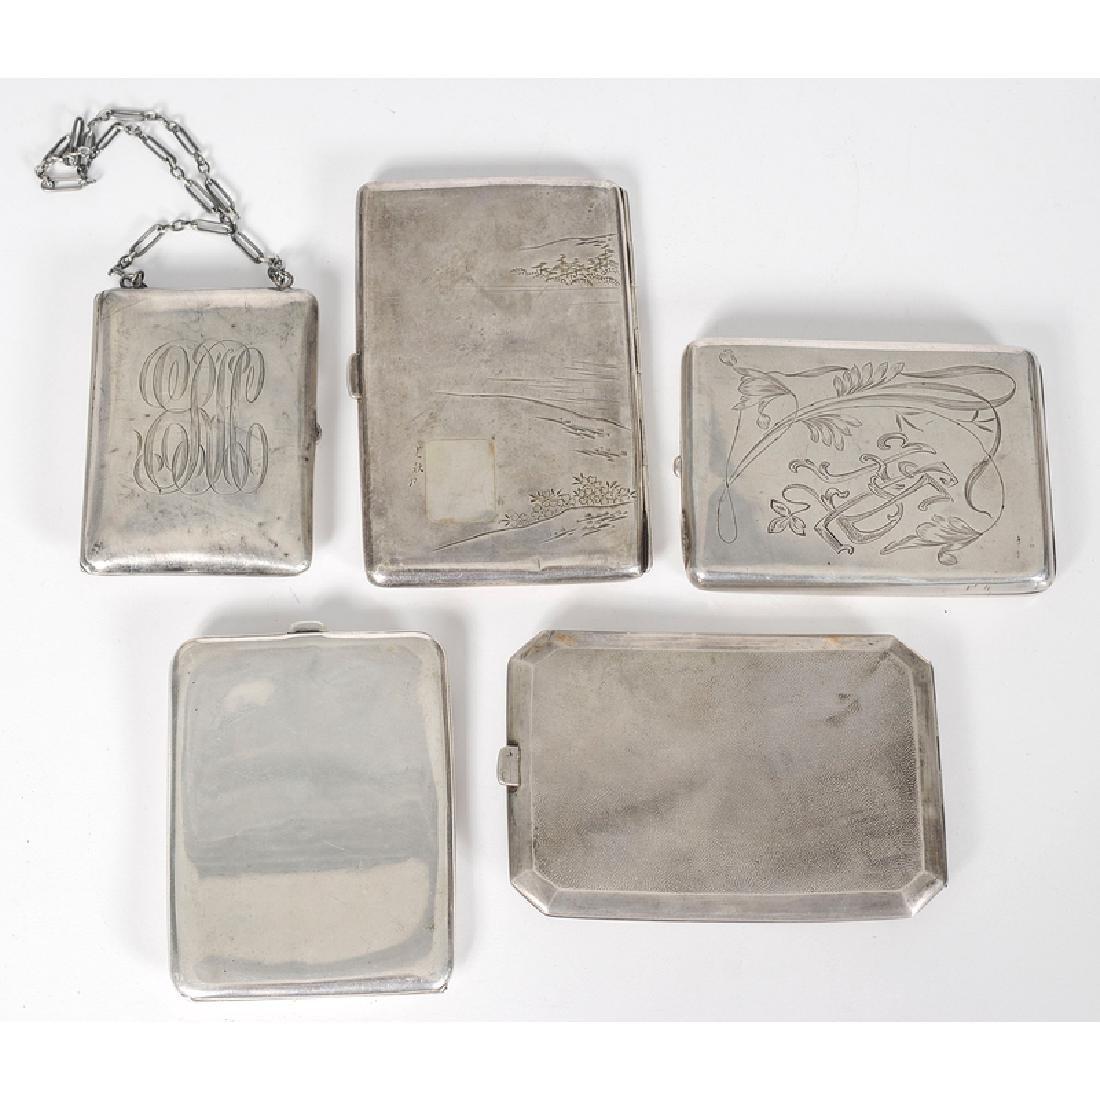 Silver Cigarette Cases - 2